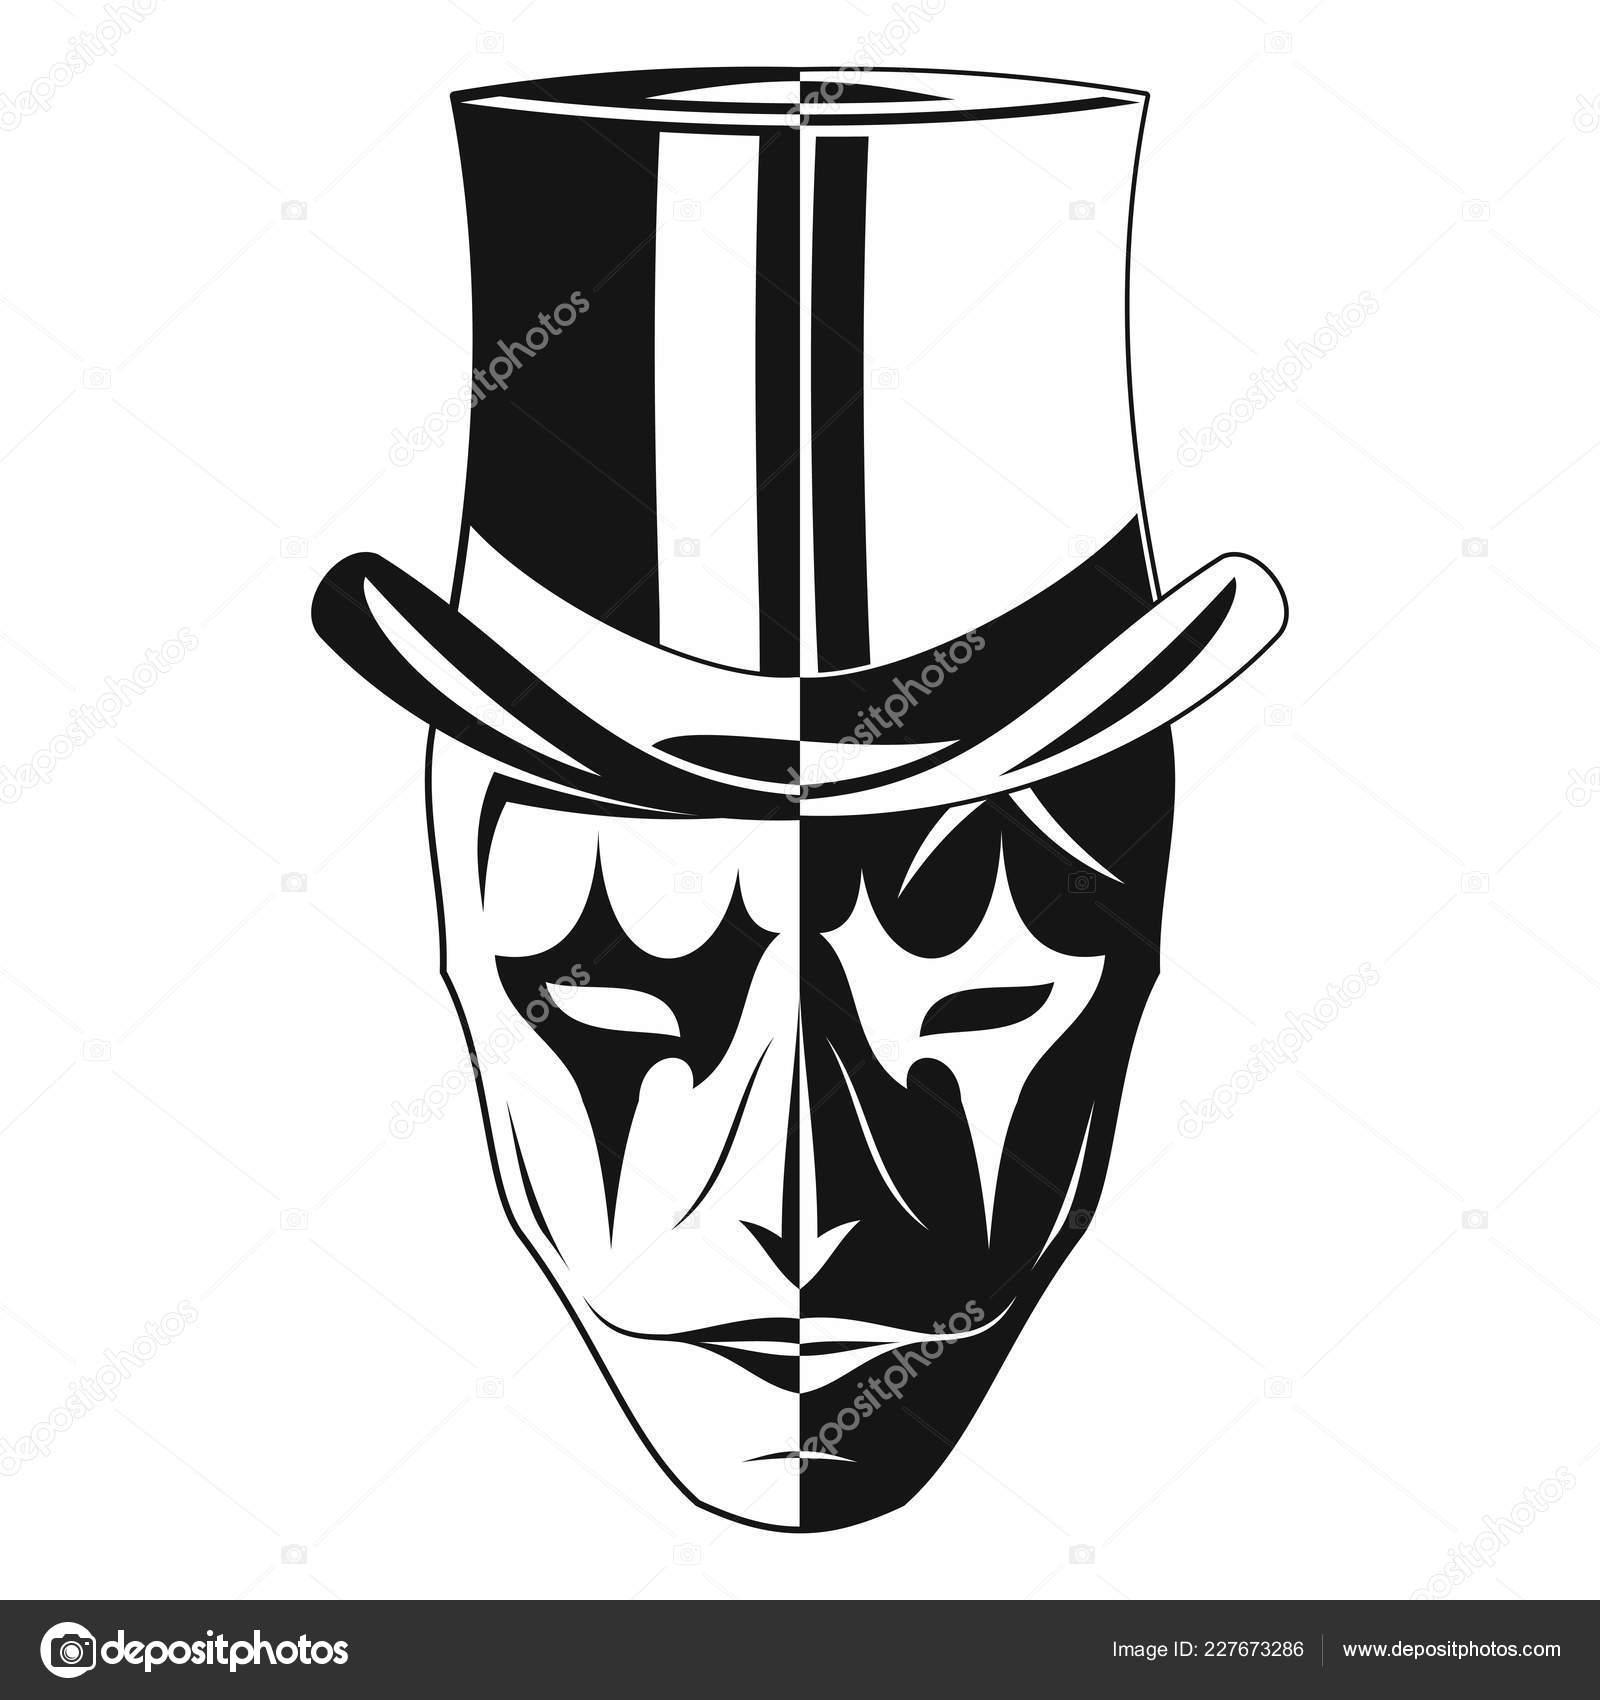 Vector Imagen Una Mascara Joker Cilindro Dos Partes Blanco